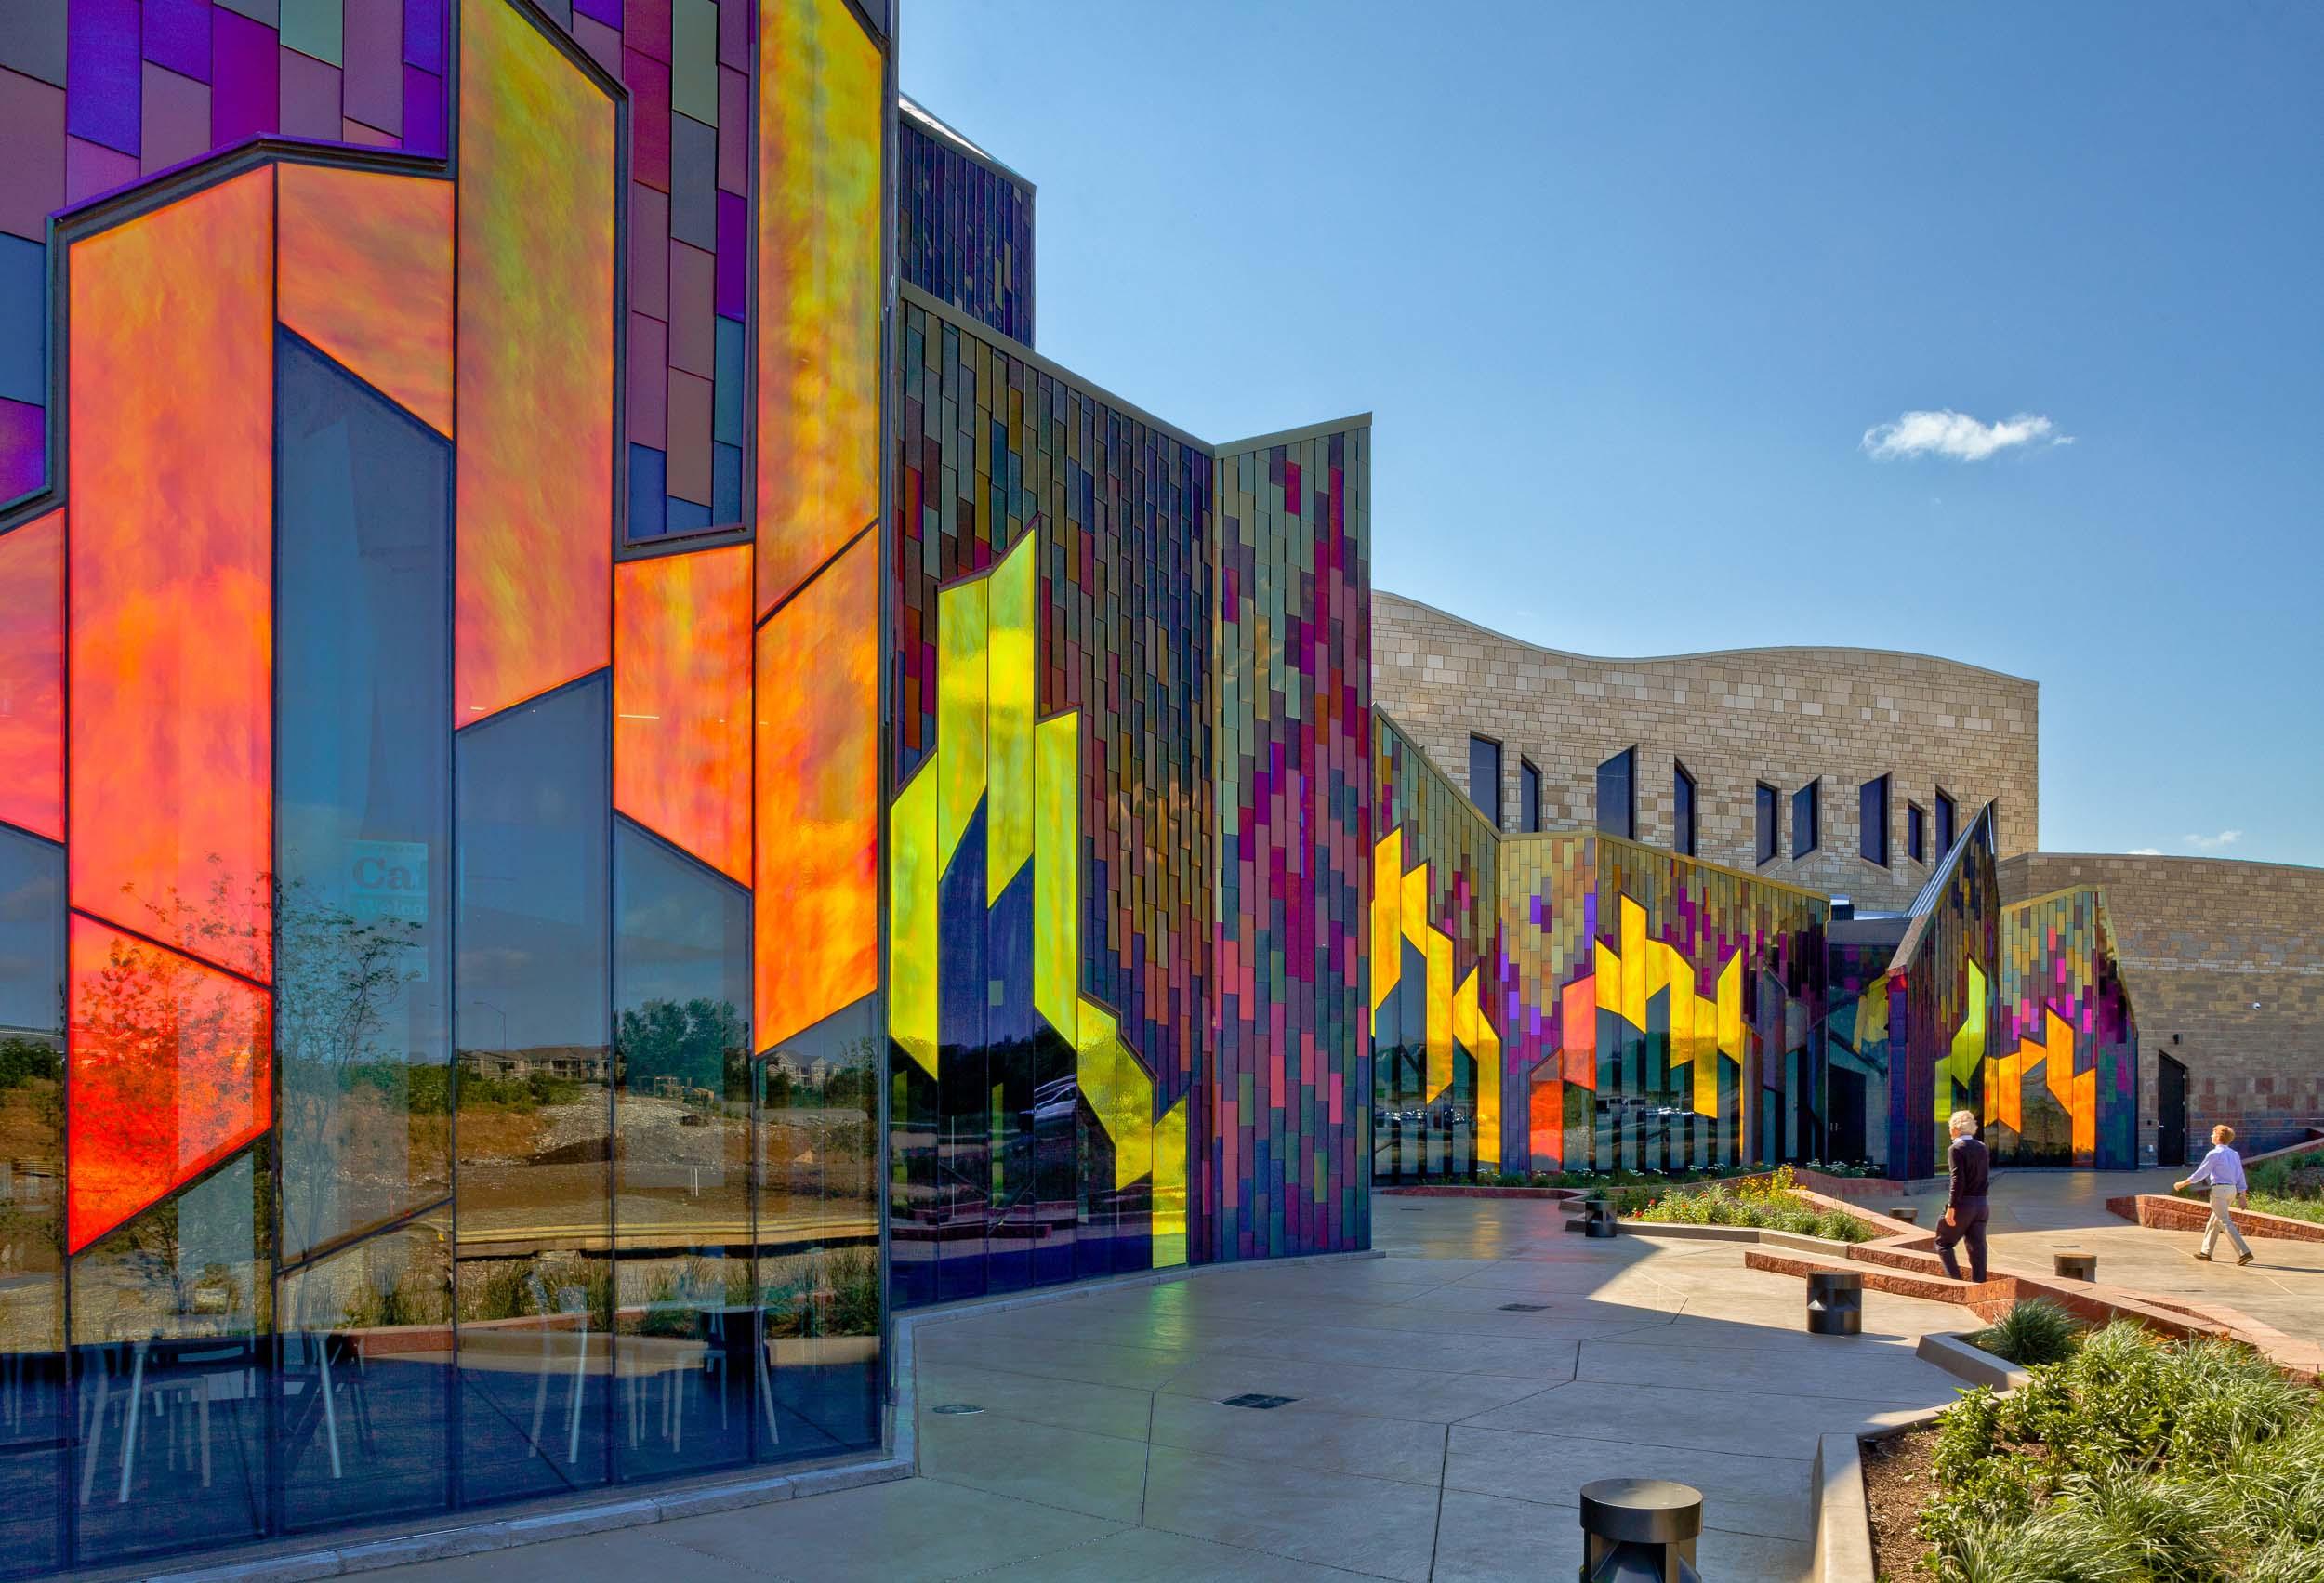 Museum of Prairiefire